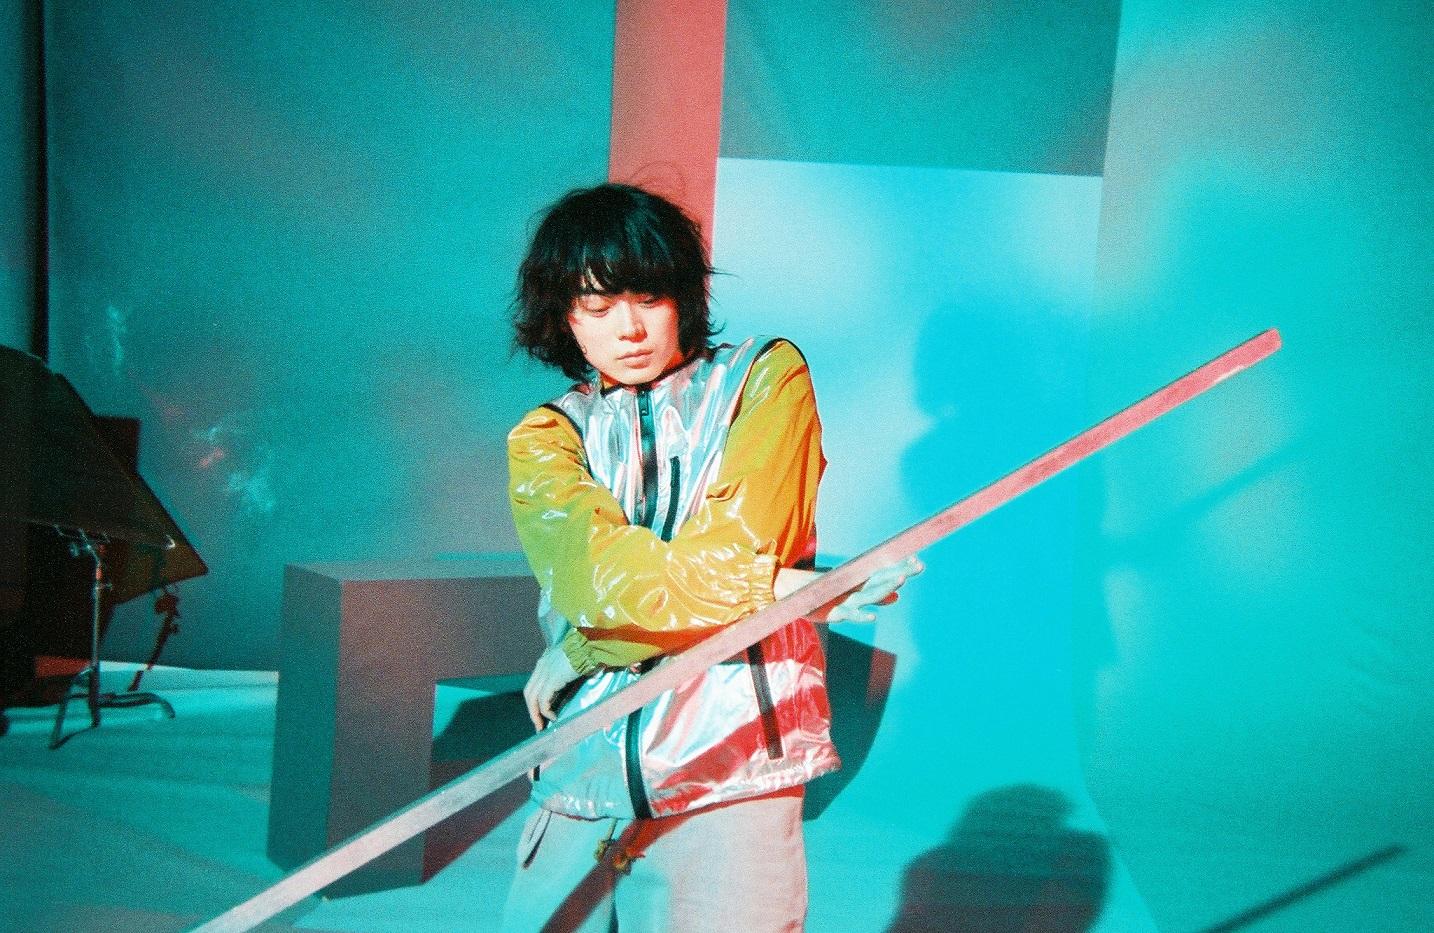 菅田将暉、最新シングル「さよならエレジー」MVがYouTube再生回数1千万回を突破サムネイル画像